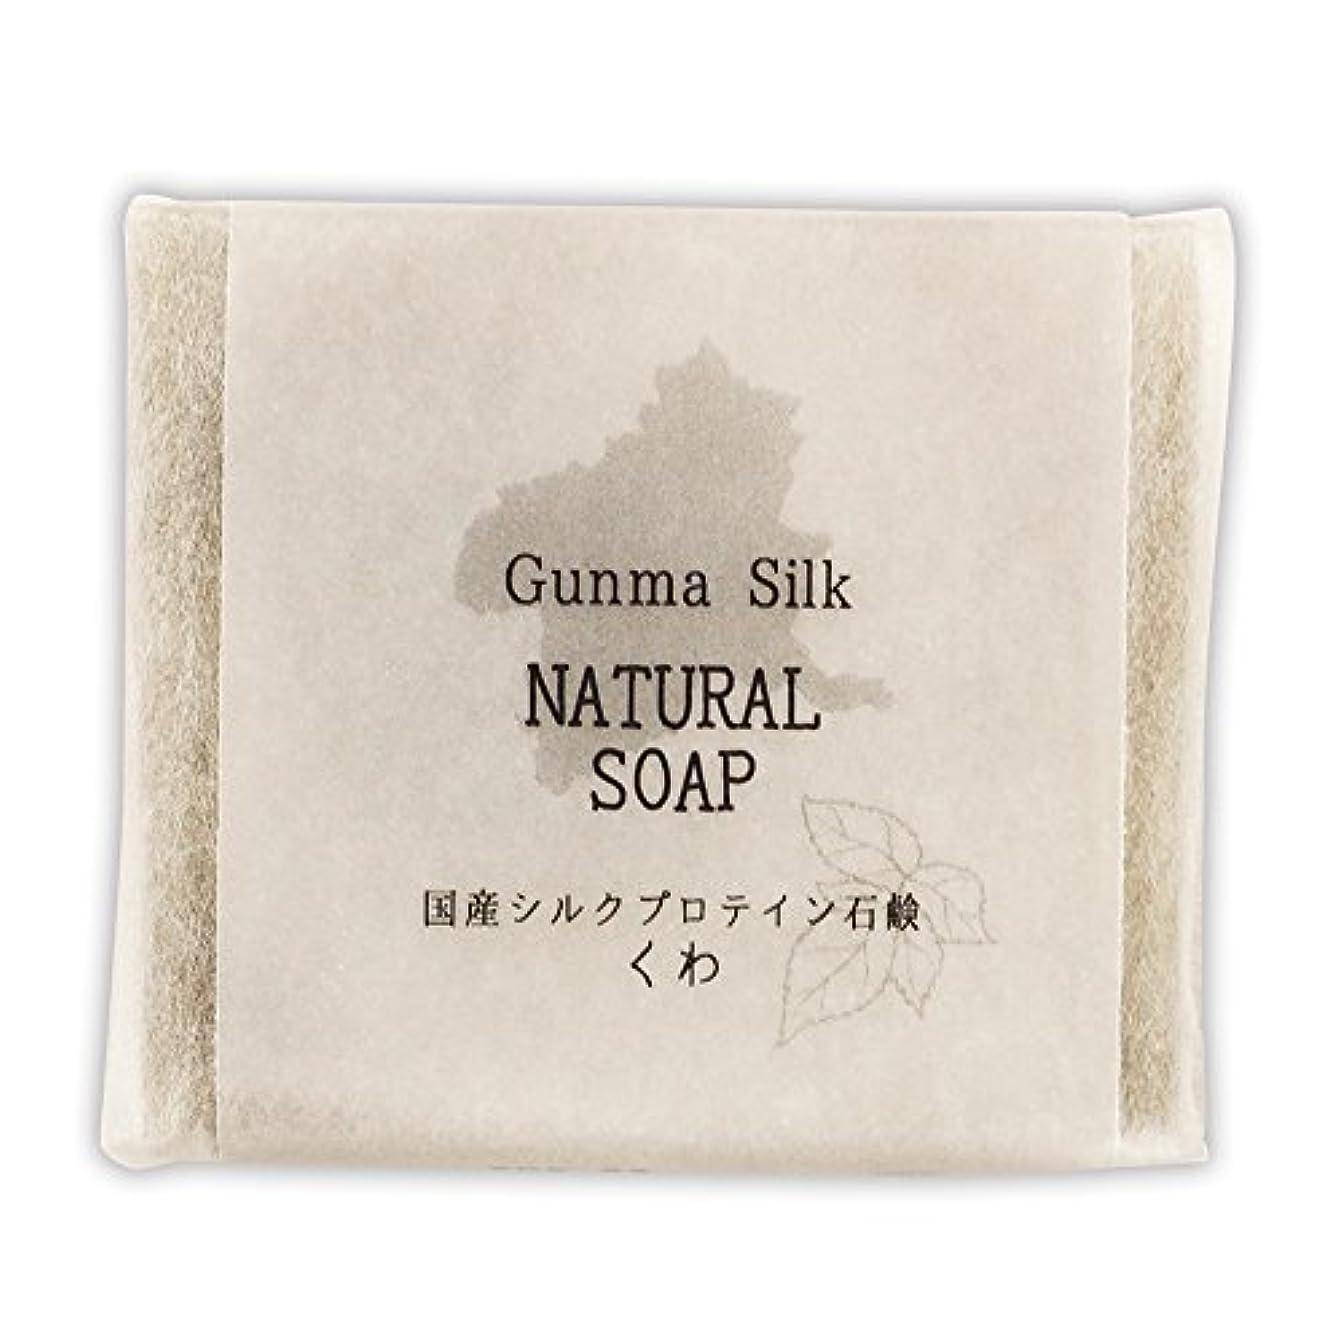 初期の称賛魅惑するBN 国産シルクプロテイン石鹸 くわ SKS-03 (1個)